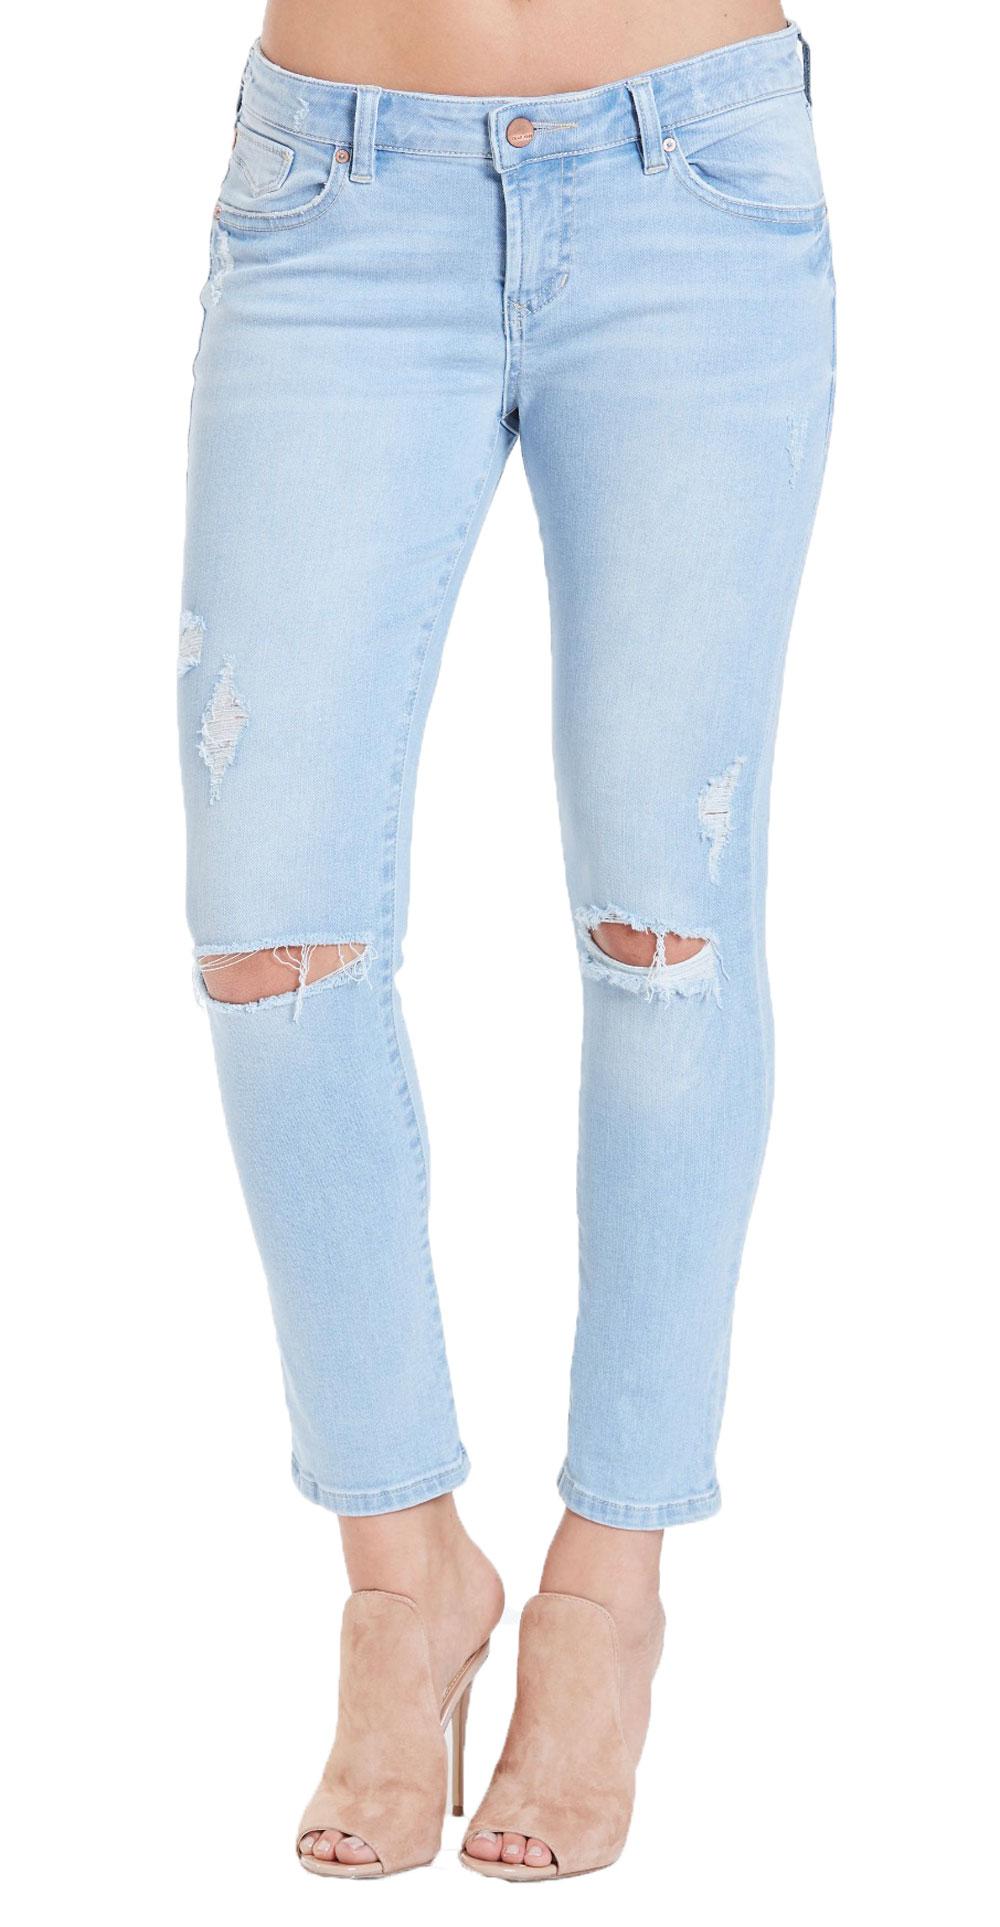 1d90001a5d117 Dear John Women s Gisele Getaway Crop Skinny Jeans